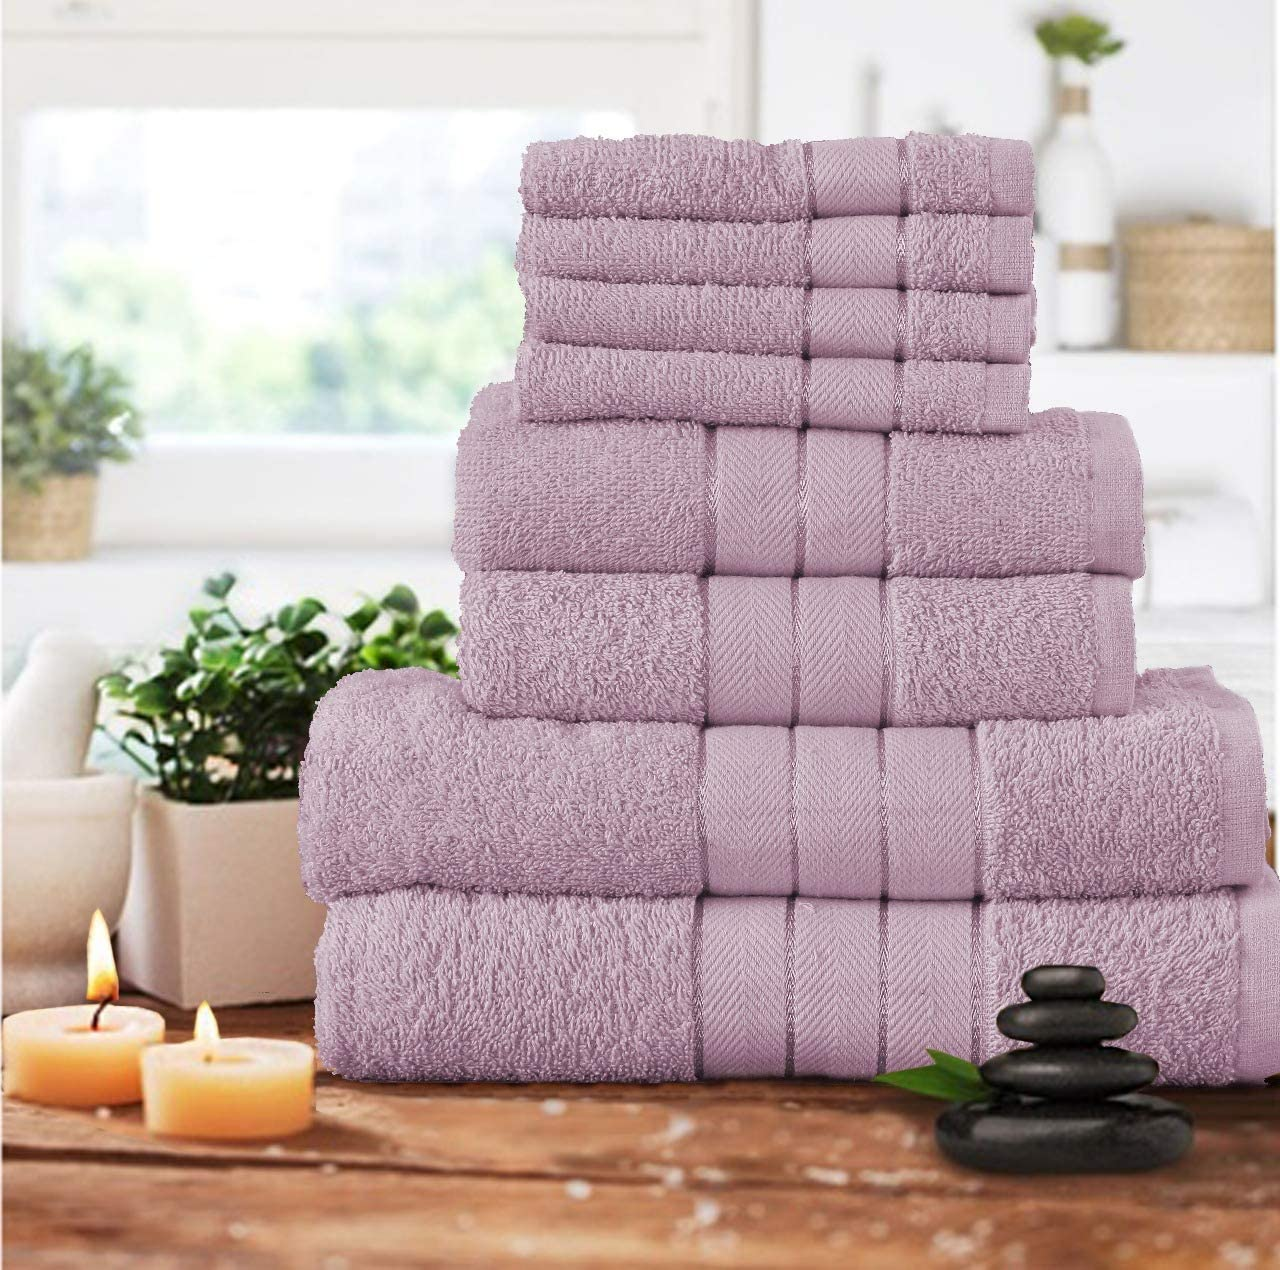 400 Gsm Shopylistic 8 Piece Manhattan Bale Towel Set Bath Towels Kitchen 100/% Cotton White 30x30 2 Bath Towel 50x80 66x115 3 Stripe Border 4 Face 2 Hand